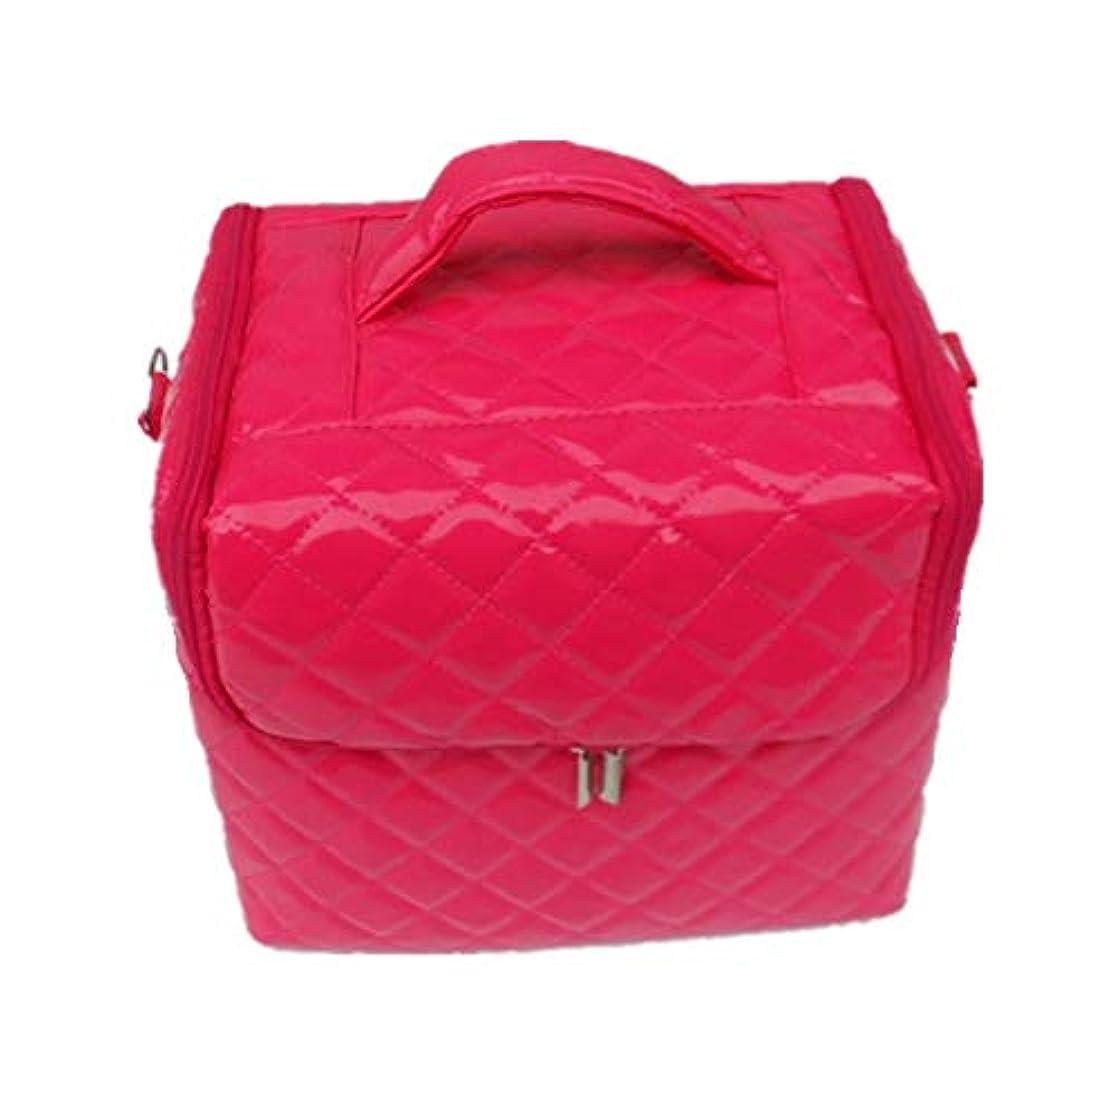 センサー悲観的肉化粧オーガナイザーバッグ 美容メイクアップのための大容量ポータブル化粧品バッグと女性の女性の旅行とジッパーと折り畳みトレイで毎日のストレージ用 化粧品ケース